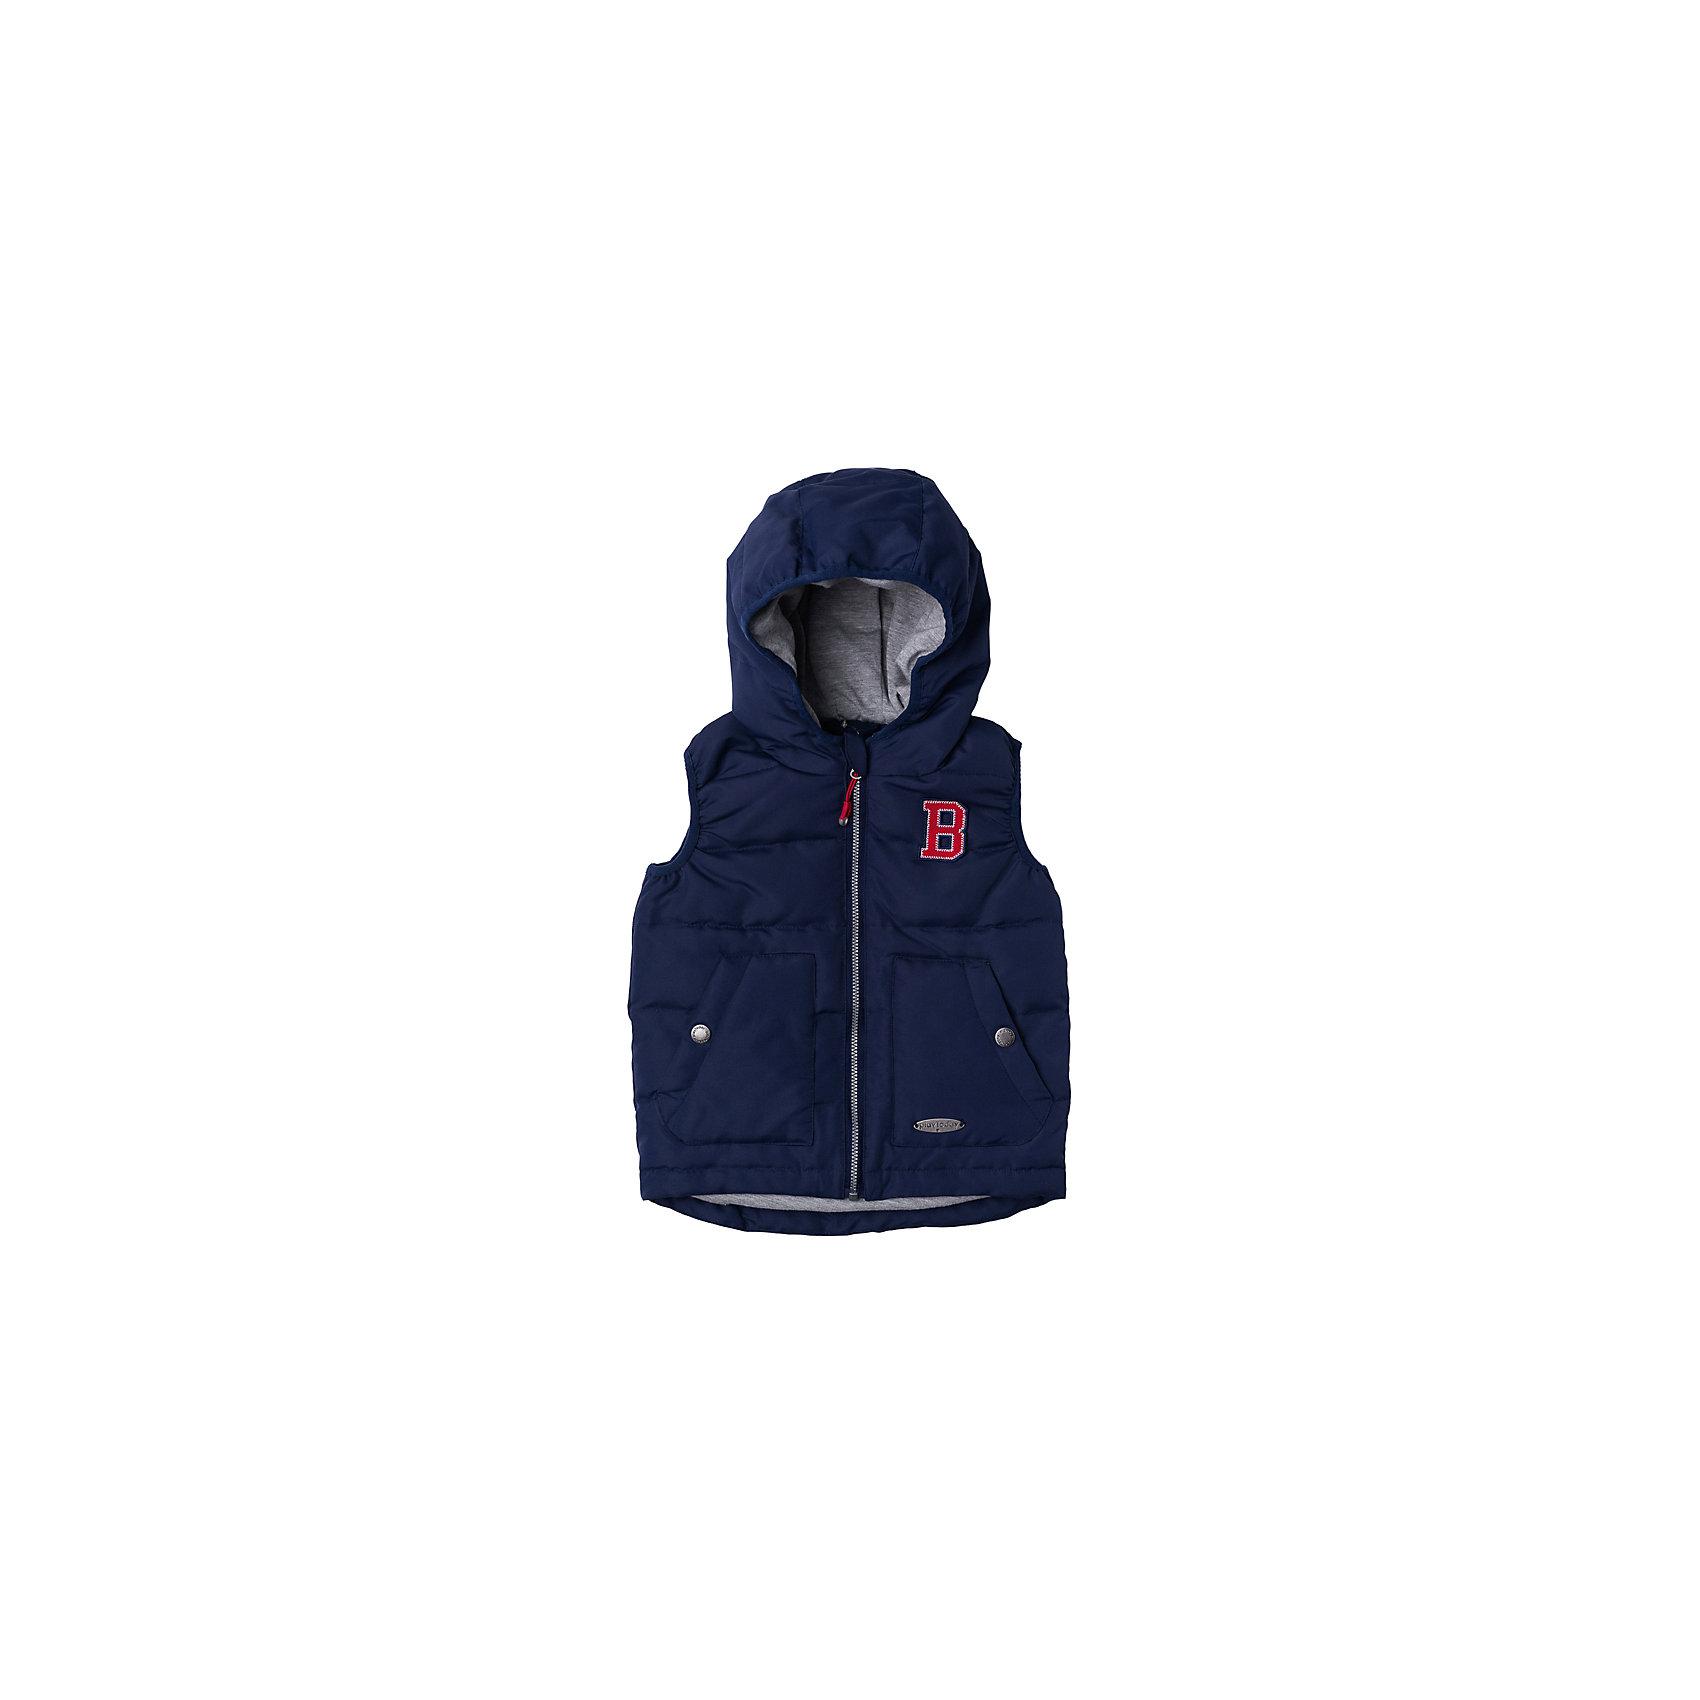 Жилет для мальчика PlayTodayВерхняя одежда<br>Характеристики товара:<br><br>• цвет: синий<br>• состав: 100% полиэстер<br>• подкладка: 80% хлопок, 20% полиэстер<br>• утеплитель: 100% полиэстер, 150 г/м2<br>• температурный режим: от +5 до +15С<br>• сезон: демисезон<br>• водоотталкивающая пропитка<br>• подкладка из мягкого трикотажа<br>• вышивка на груди<br>• два кармана на кнопках<br>• молния с защитой подбородка<br>• эластичные проймы для рук<br>• светоотражающие элементы на подоле<br>• капюшон не отстегивается<br>• страна бренда: Германия<br>• страна производства: Китай<br><br>Жилет с капюшоном для мальчика PlayToday. Утепленный жилет на молнии с водооталкивающей пропиткой - замечательное решение для весны. Специальный карман для фиксации застежки-молнии не позволит застежке травмировать нежную кожу ребенка. Подкладка из мягкого трикотажа будет актуальна для очень подвижных детей - она прекрасно впитывает лишнюю влагу.  <br><br>Наличие светооражателя на подоле позволит видеть ребенка в темное время суток. За счет мягкой резинки на пройме рукавов, данный жилет будет удобен и в ветреную погоду. Модель со светоотражателями, ребенок будет виден в темное время суток.<br><br>Жилет для мальчика от известного бренда PlayToday можно купить в нашем интернет-магазине.<br><br>Ширина мм: 356<br>Глубина мм: 10<br>Высота мм: 245<br>Вес г: 519<br>Цвет: полуночно-синий<br>Возраст от месяцев: 6<br>Возраст до месяцев: 9<br>Пол: Мужской<br>Возраст: Детский<br>Размер: 74,92,80,86<br>SKU: 5407700